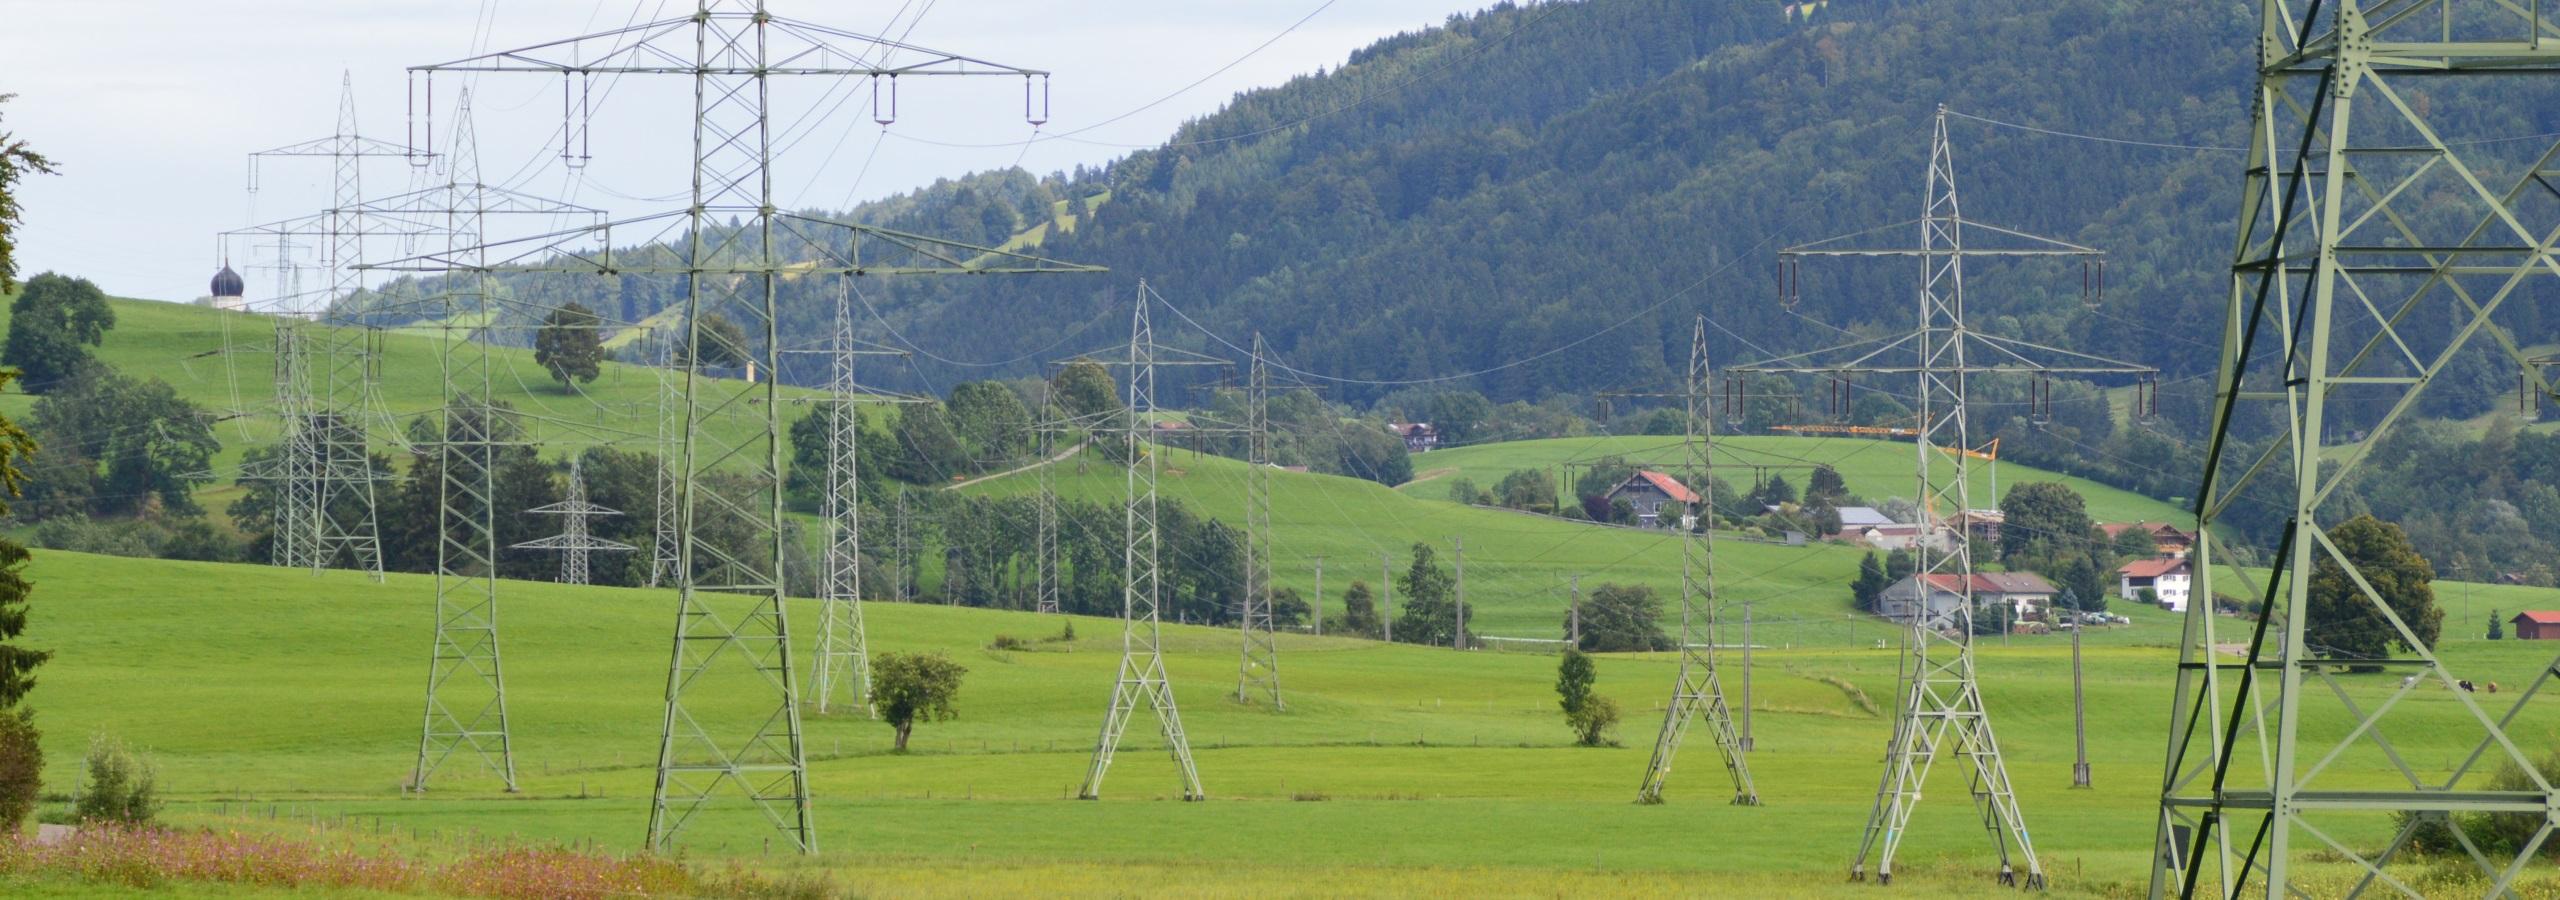 Strommasten in der Landschaft.